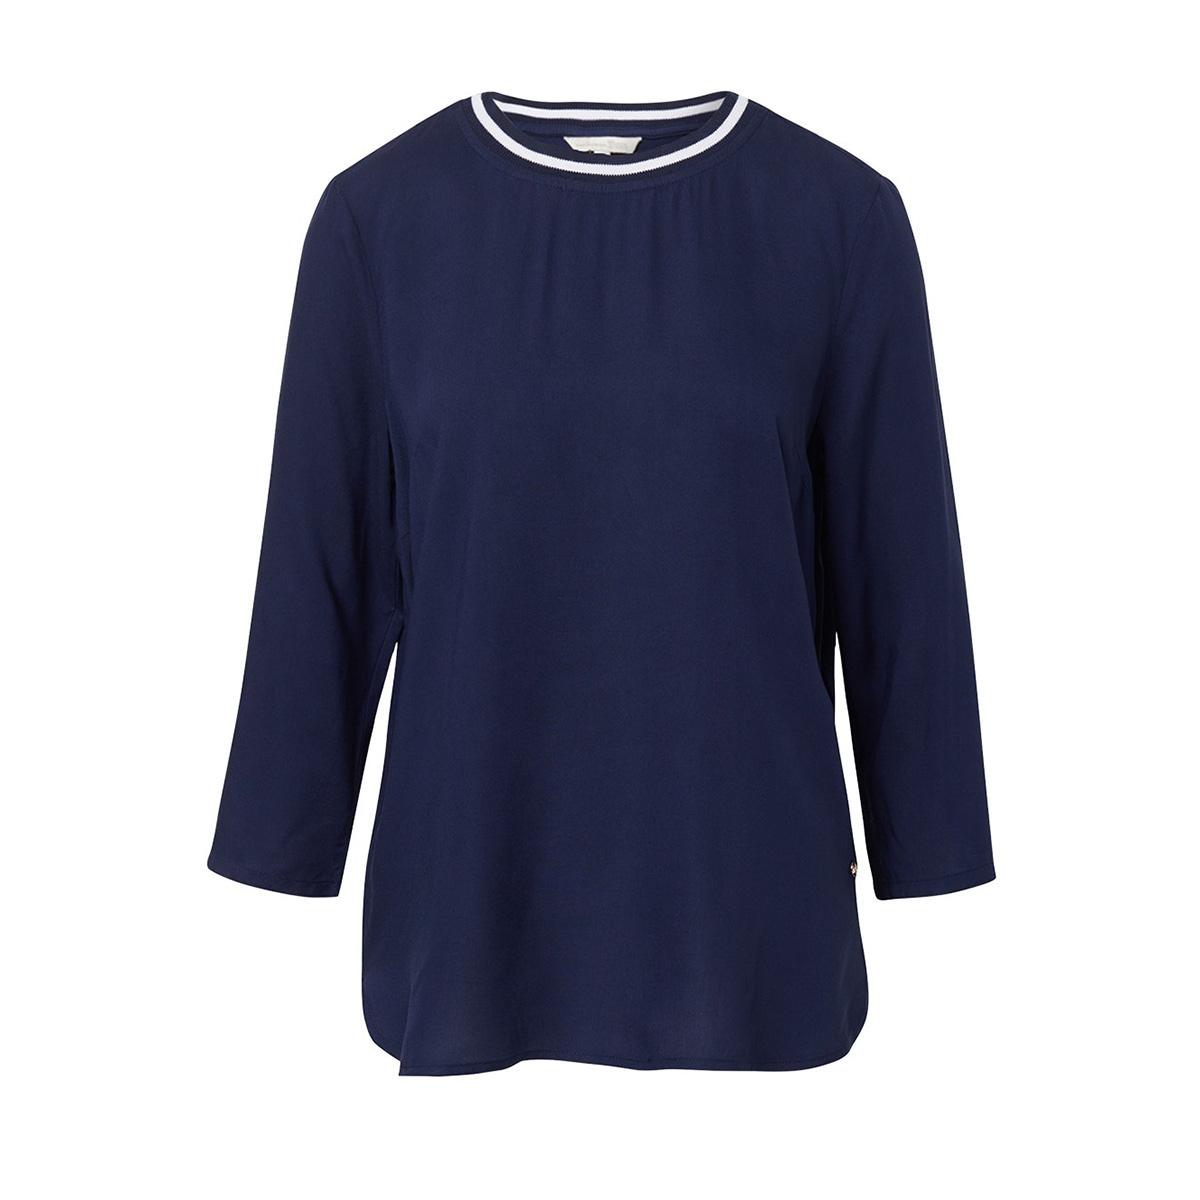 tuniekblouse 1009128xx71 tom tailor blouse 10748